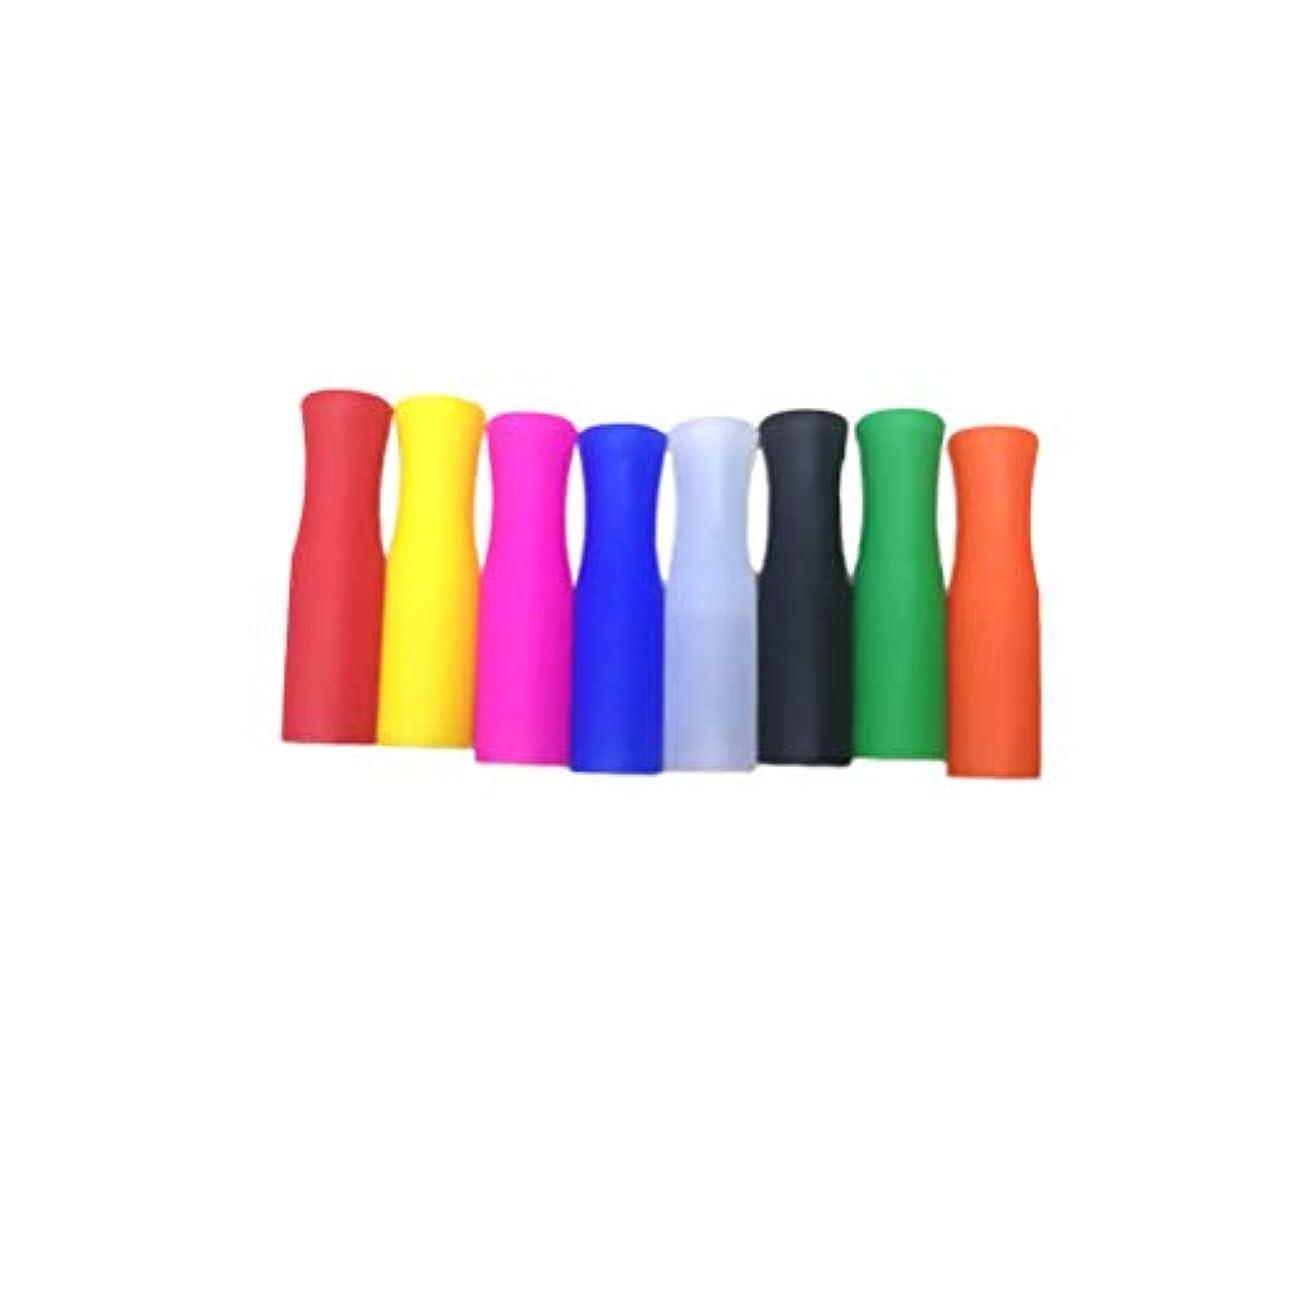 リッチ弾薬鍔Healifty シリコンストローチップ、多色食品グレードストローチップスステンレスストロー用ストロー(ランダムカラー)